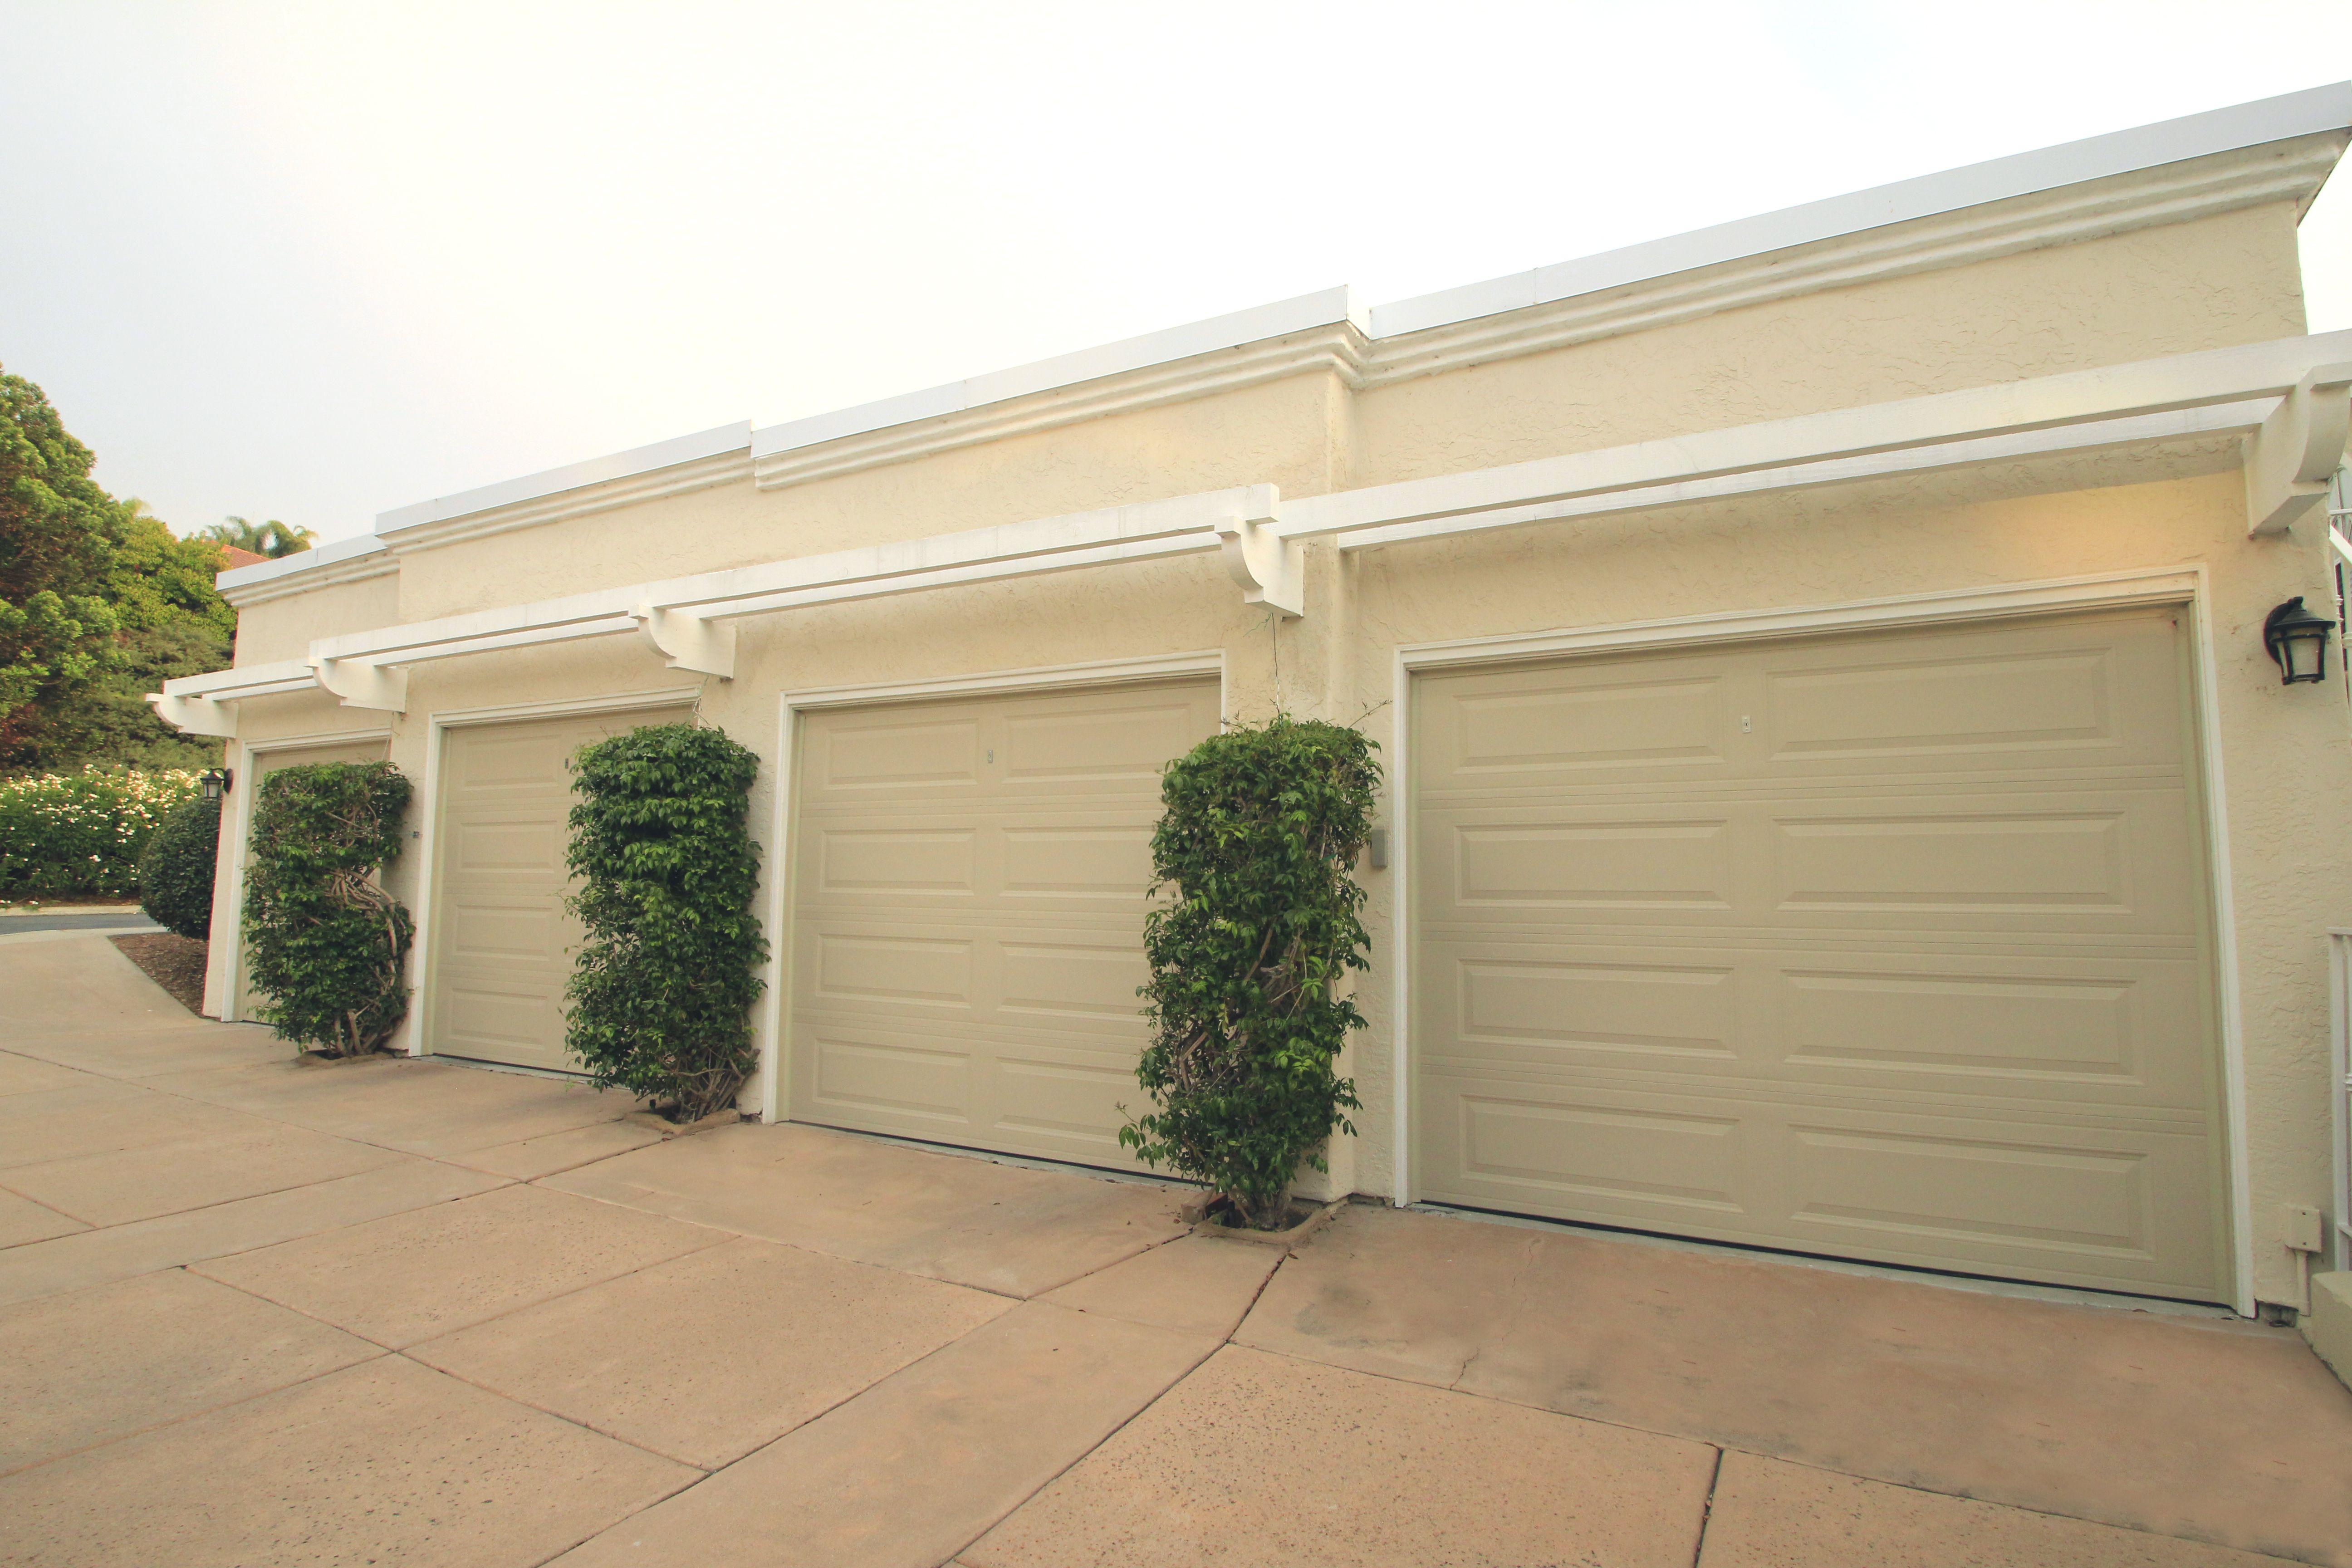 Classic Steel Garage Doors In Wicker Tan Garage Doors Steel Garage Doors Custom Garage Doors